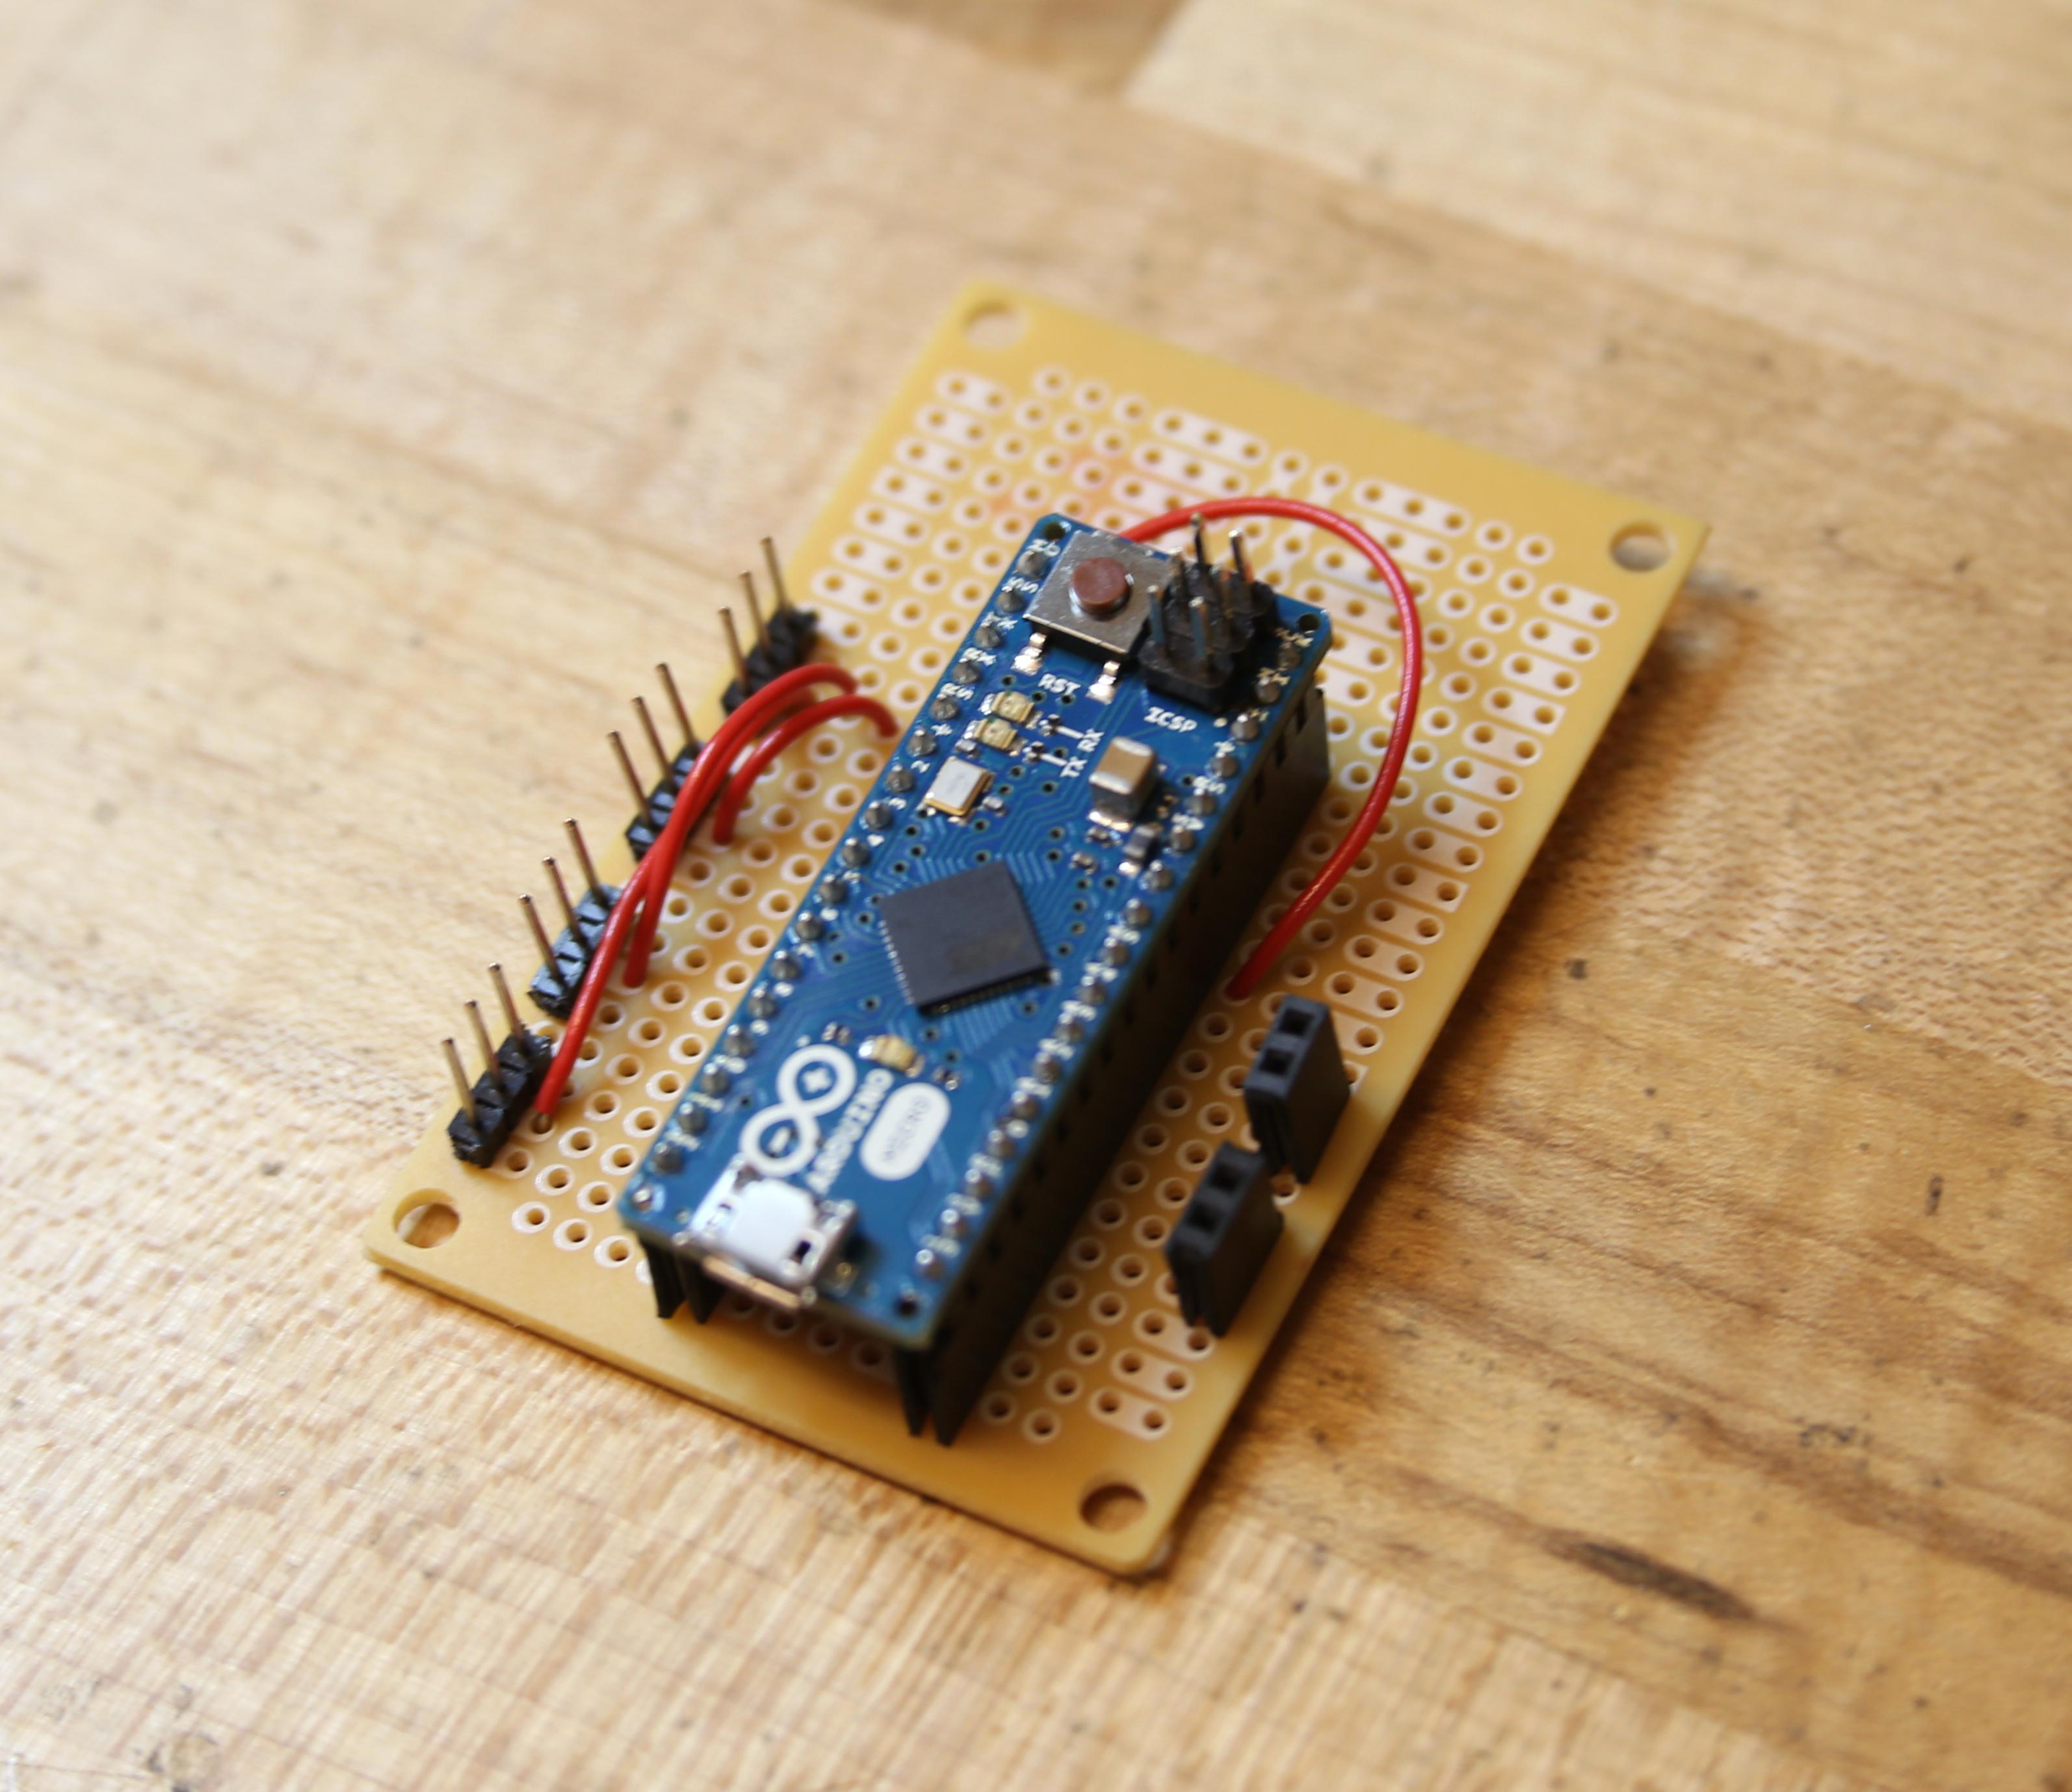 Picture of Preparing the Protoboard